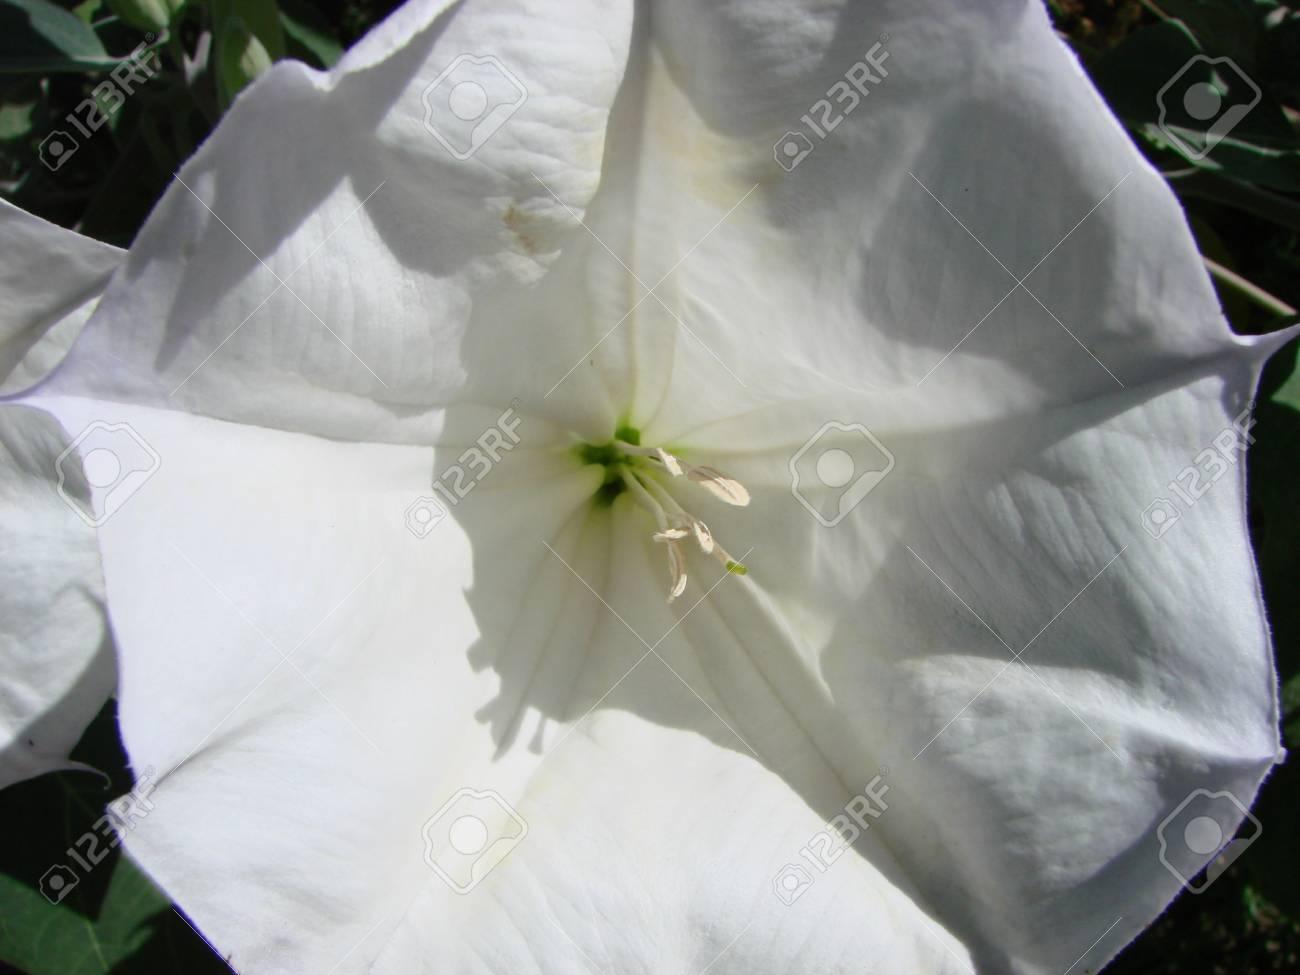 White trumpet shaped flower of hallucinogen plant devils trumpet stock photo white trumpet shaped flower of hallucinogen plant devils trumpet also called jimsonweed latin name datura stramonium mightylinksfo